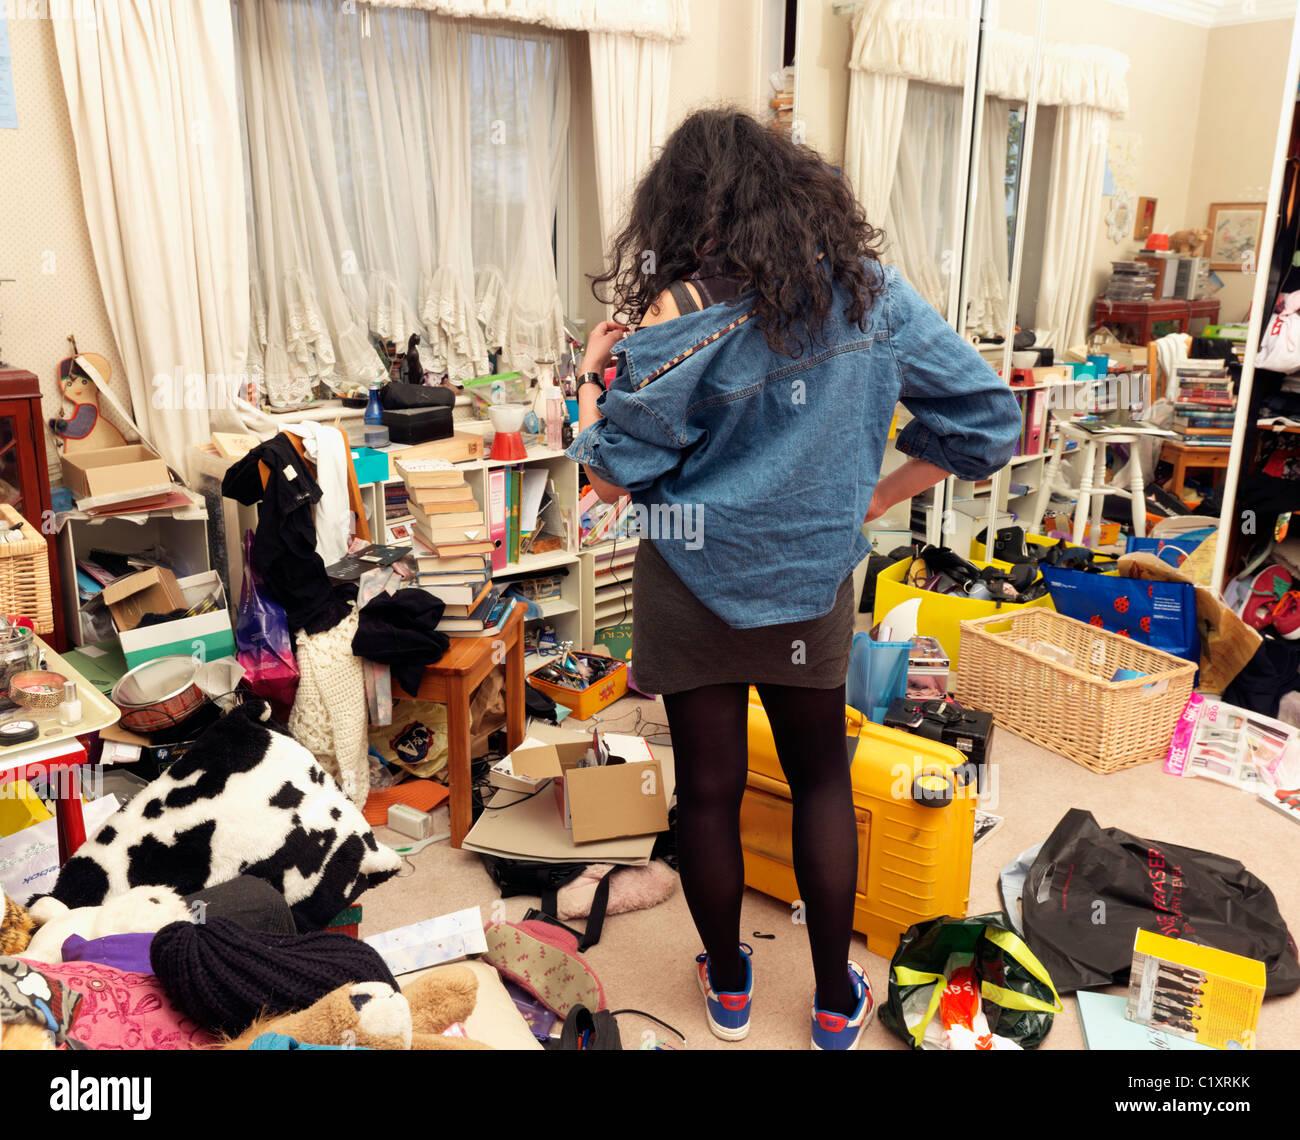 Teenager-Mädchen In unordentliche Schlafzimmer Stockbild